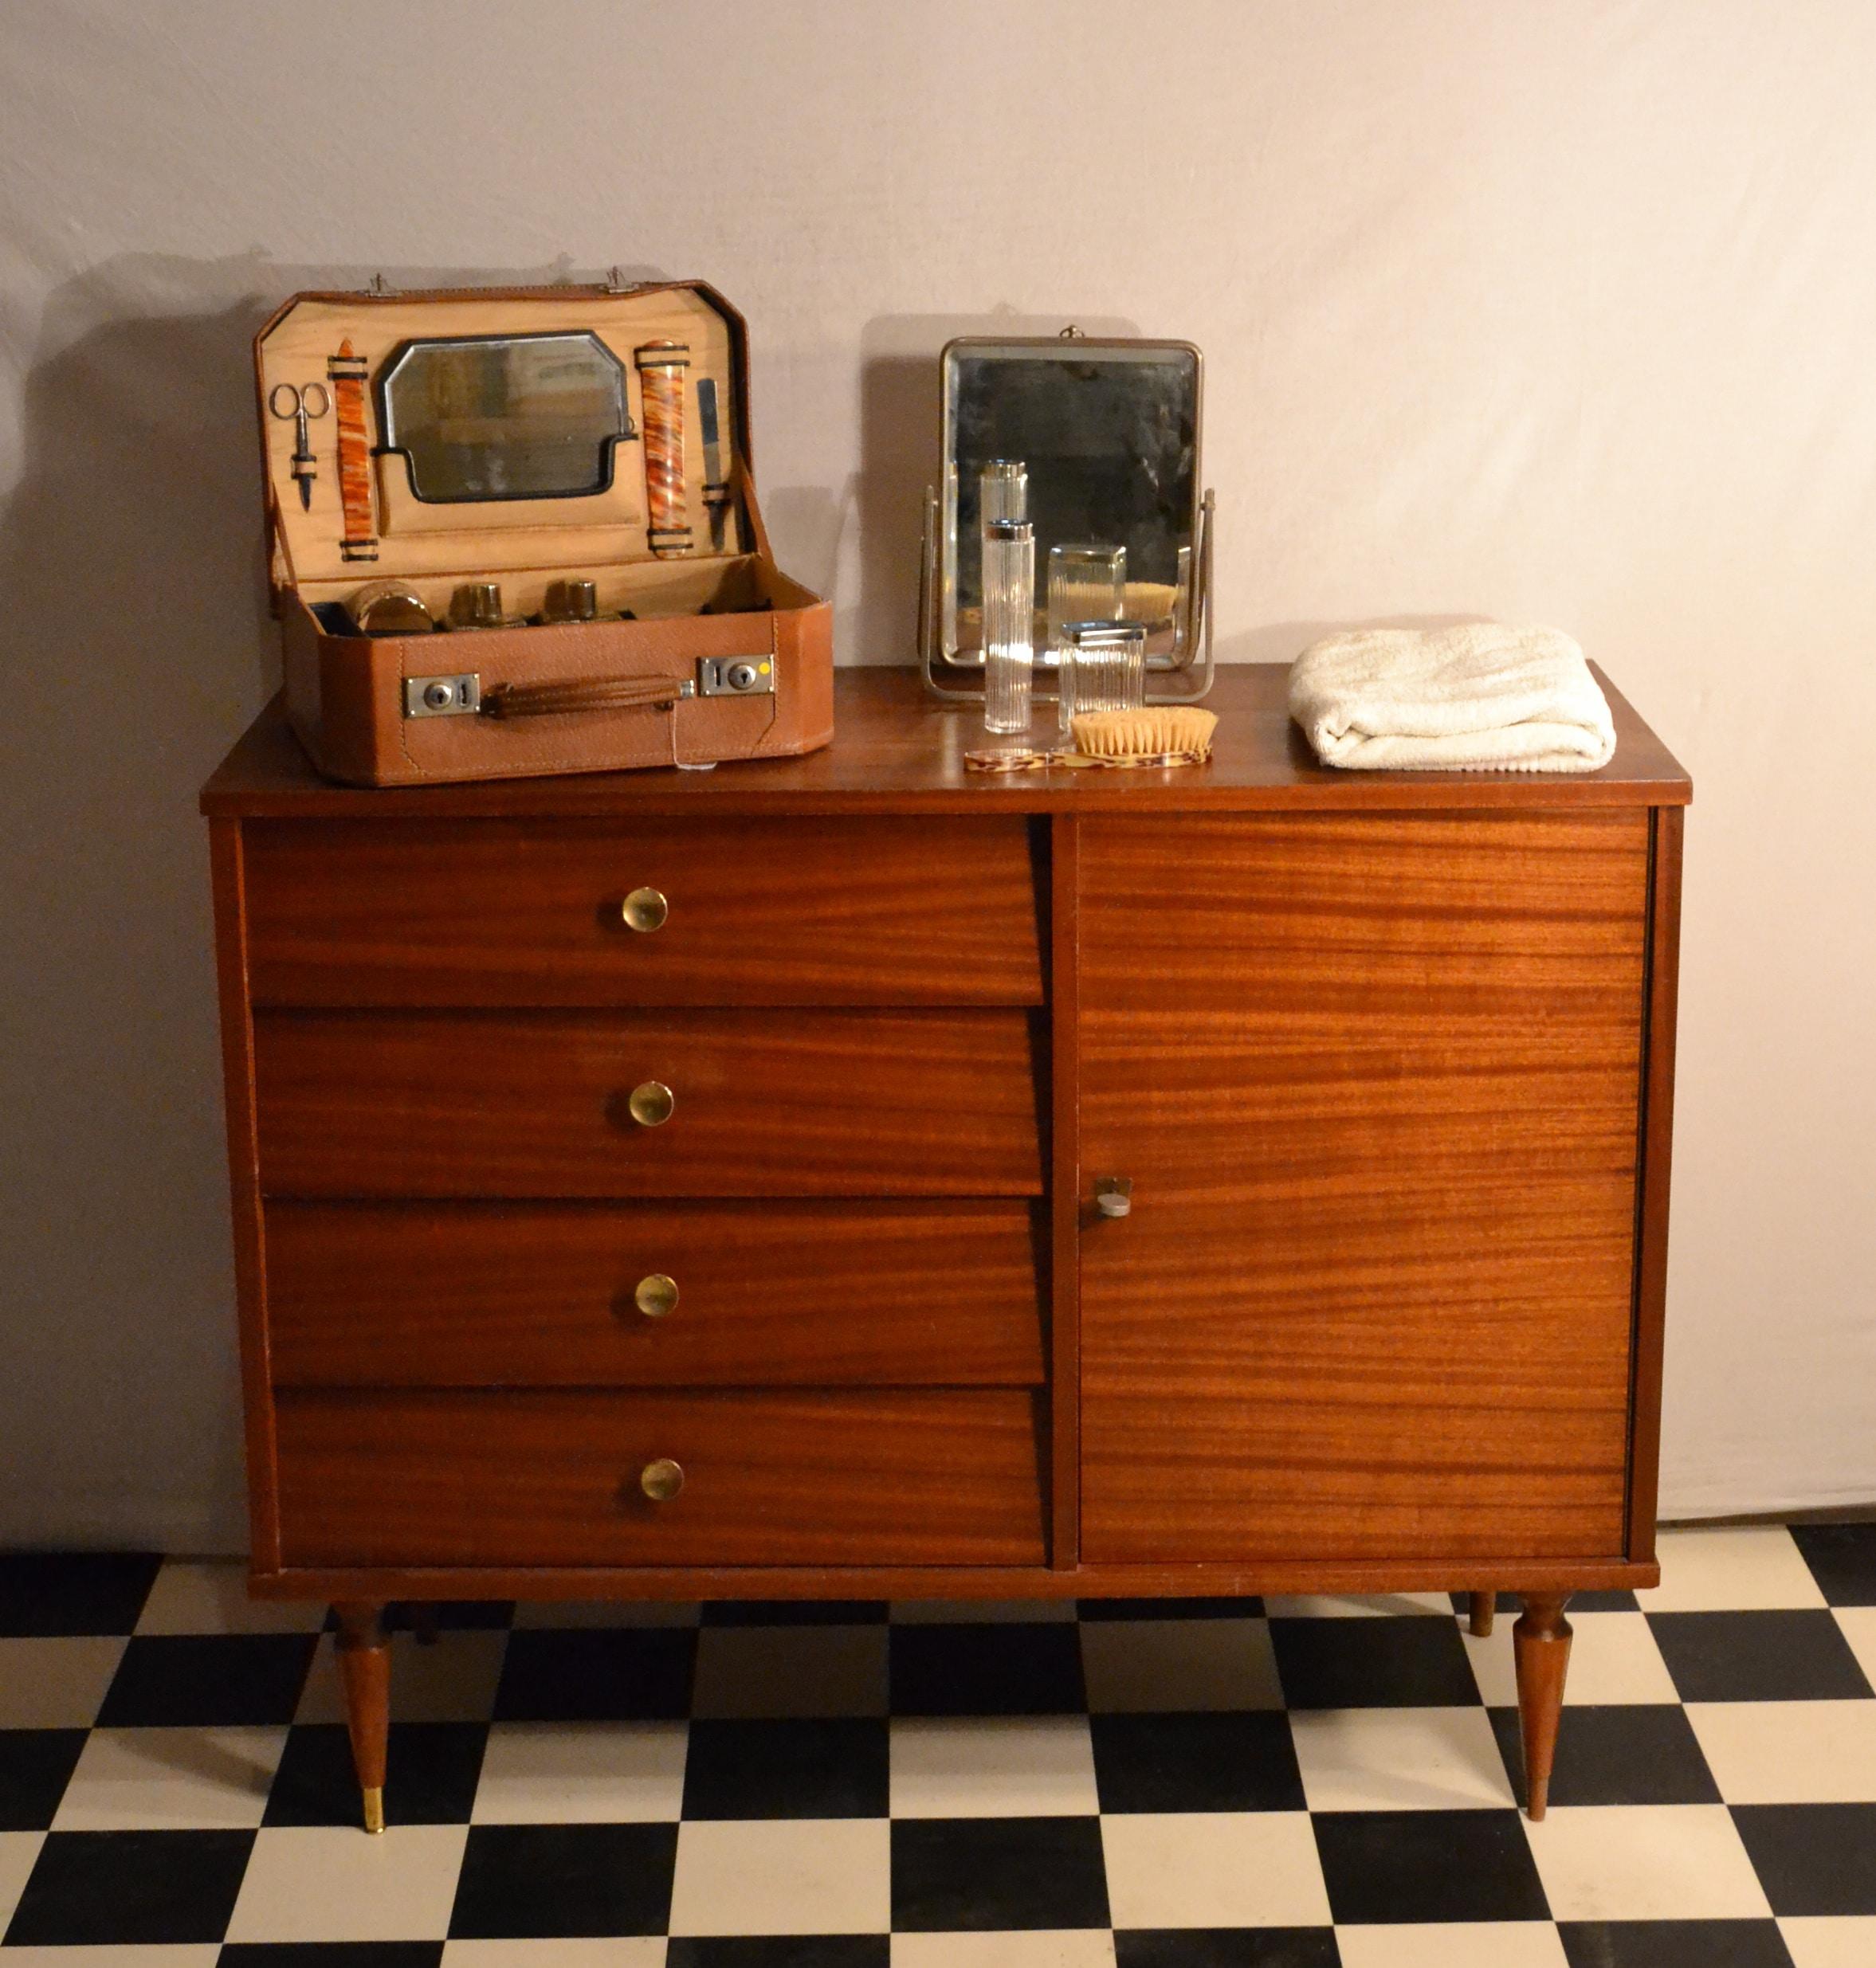 Meuble Tv Vintage Solde : La Chambre, De Meuble Tv Dans Le Salon Ou De Console Dans Une Entrée